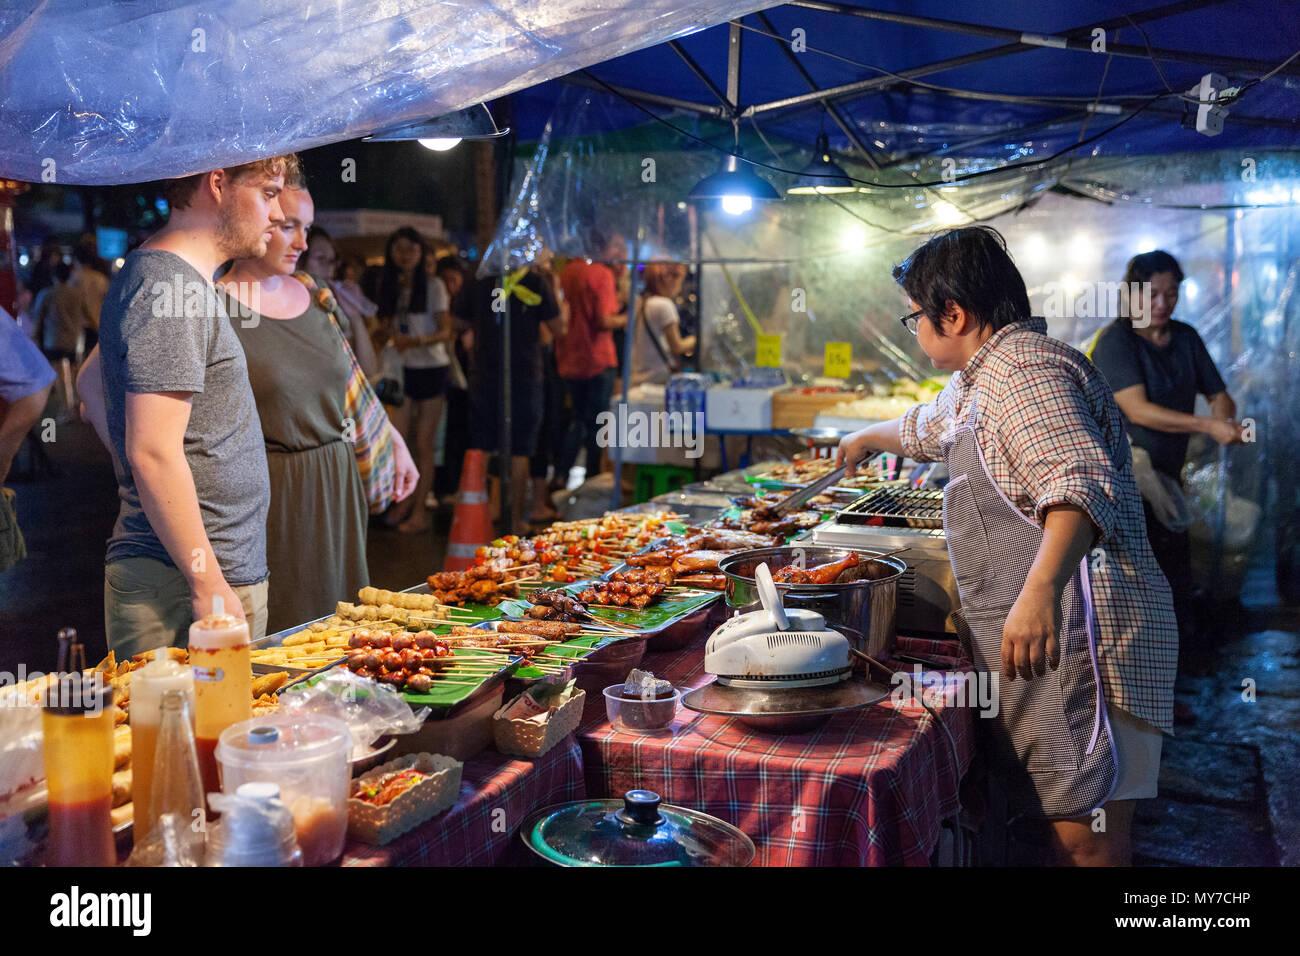 CHIANG MAI, Tailandia - 27 de agosto: Pareja compra comida callejera tradicional tailandés en el mercado del sábado noche, (Calle) el 27 de agosto de 2016 en Chiang Imagen De Stock